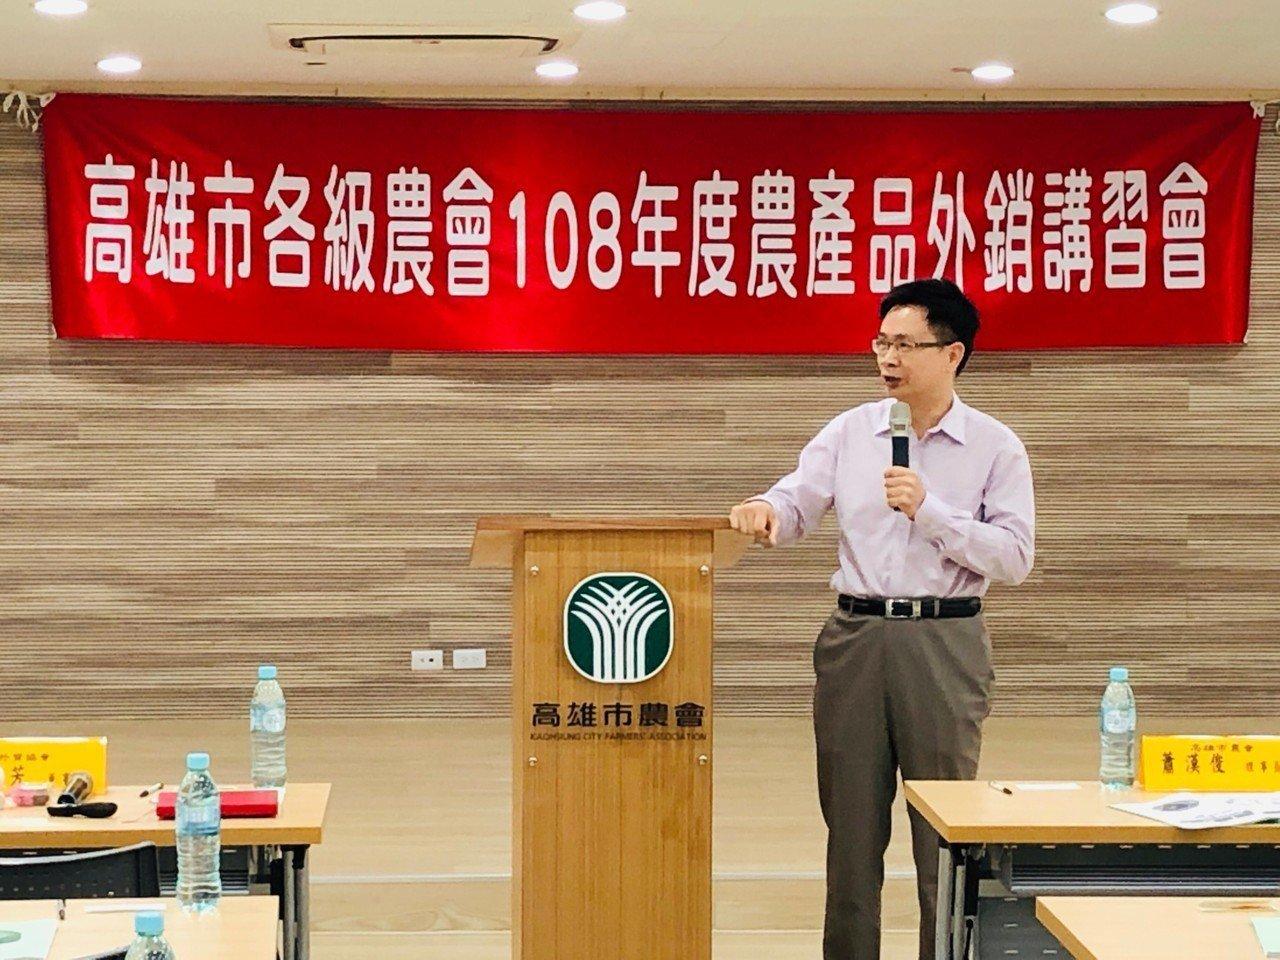 貿協董事長黃志芳對高雄市各級農會108年度農產品外銷講習會開講。貿協提供